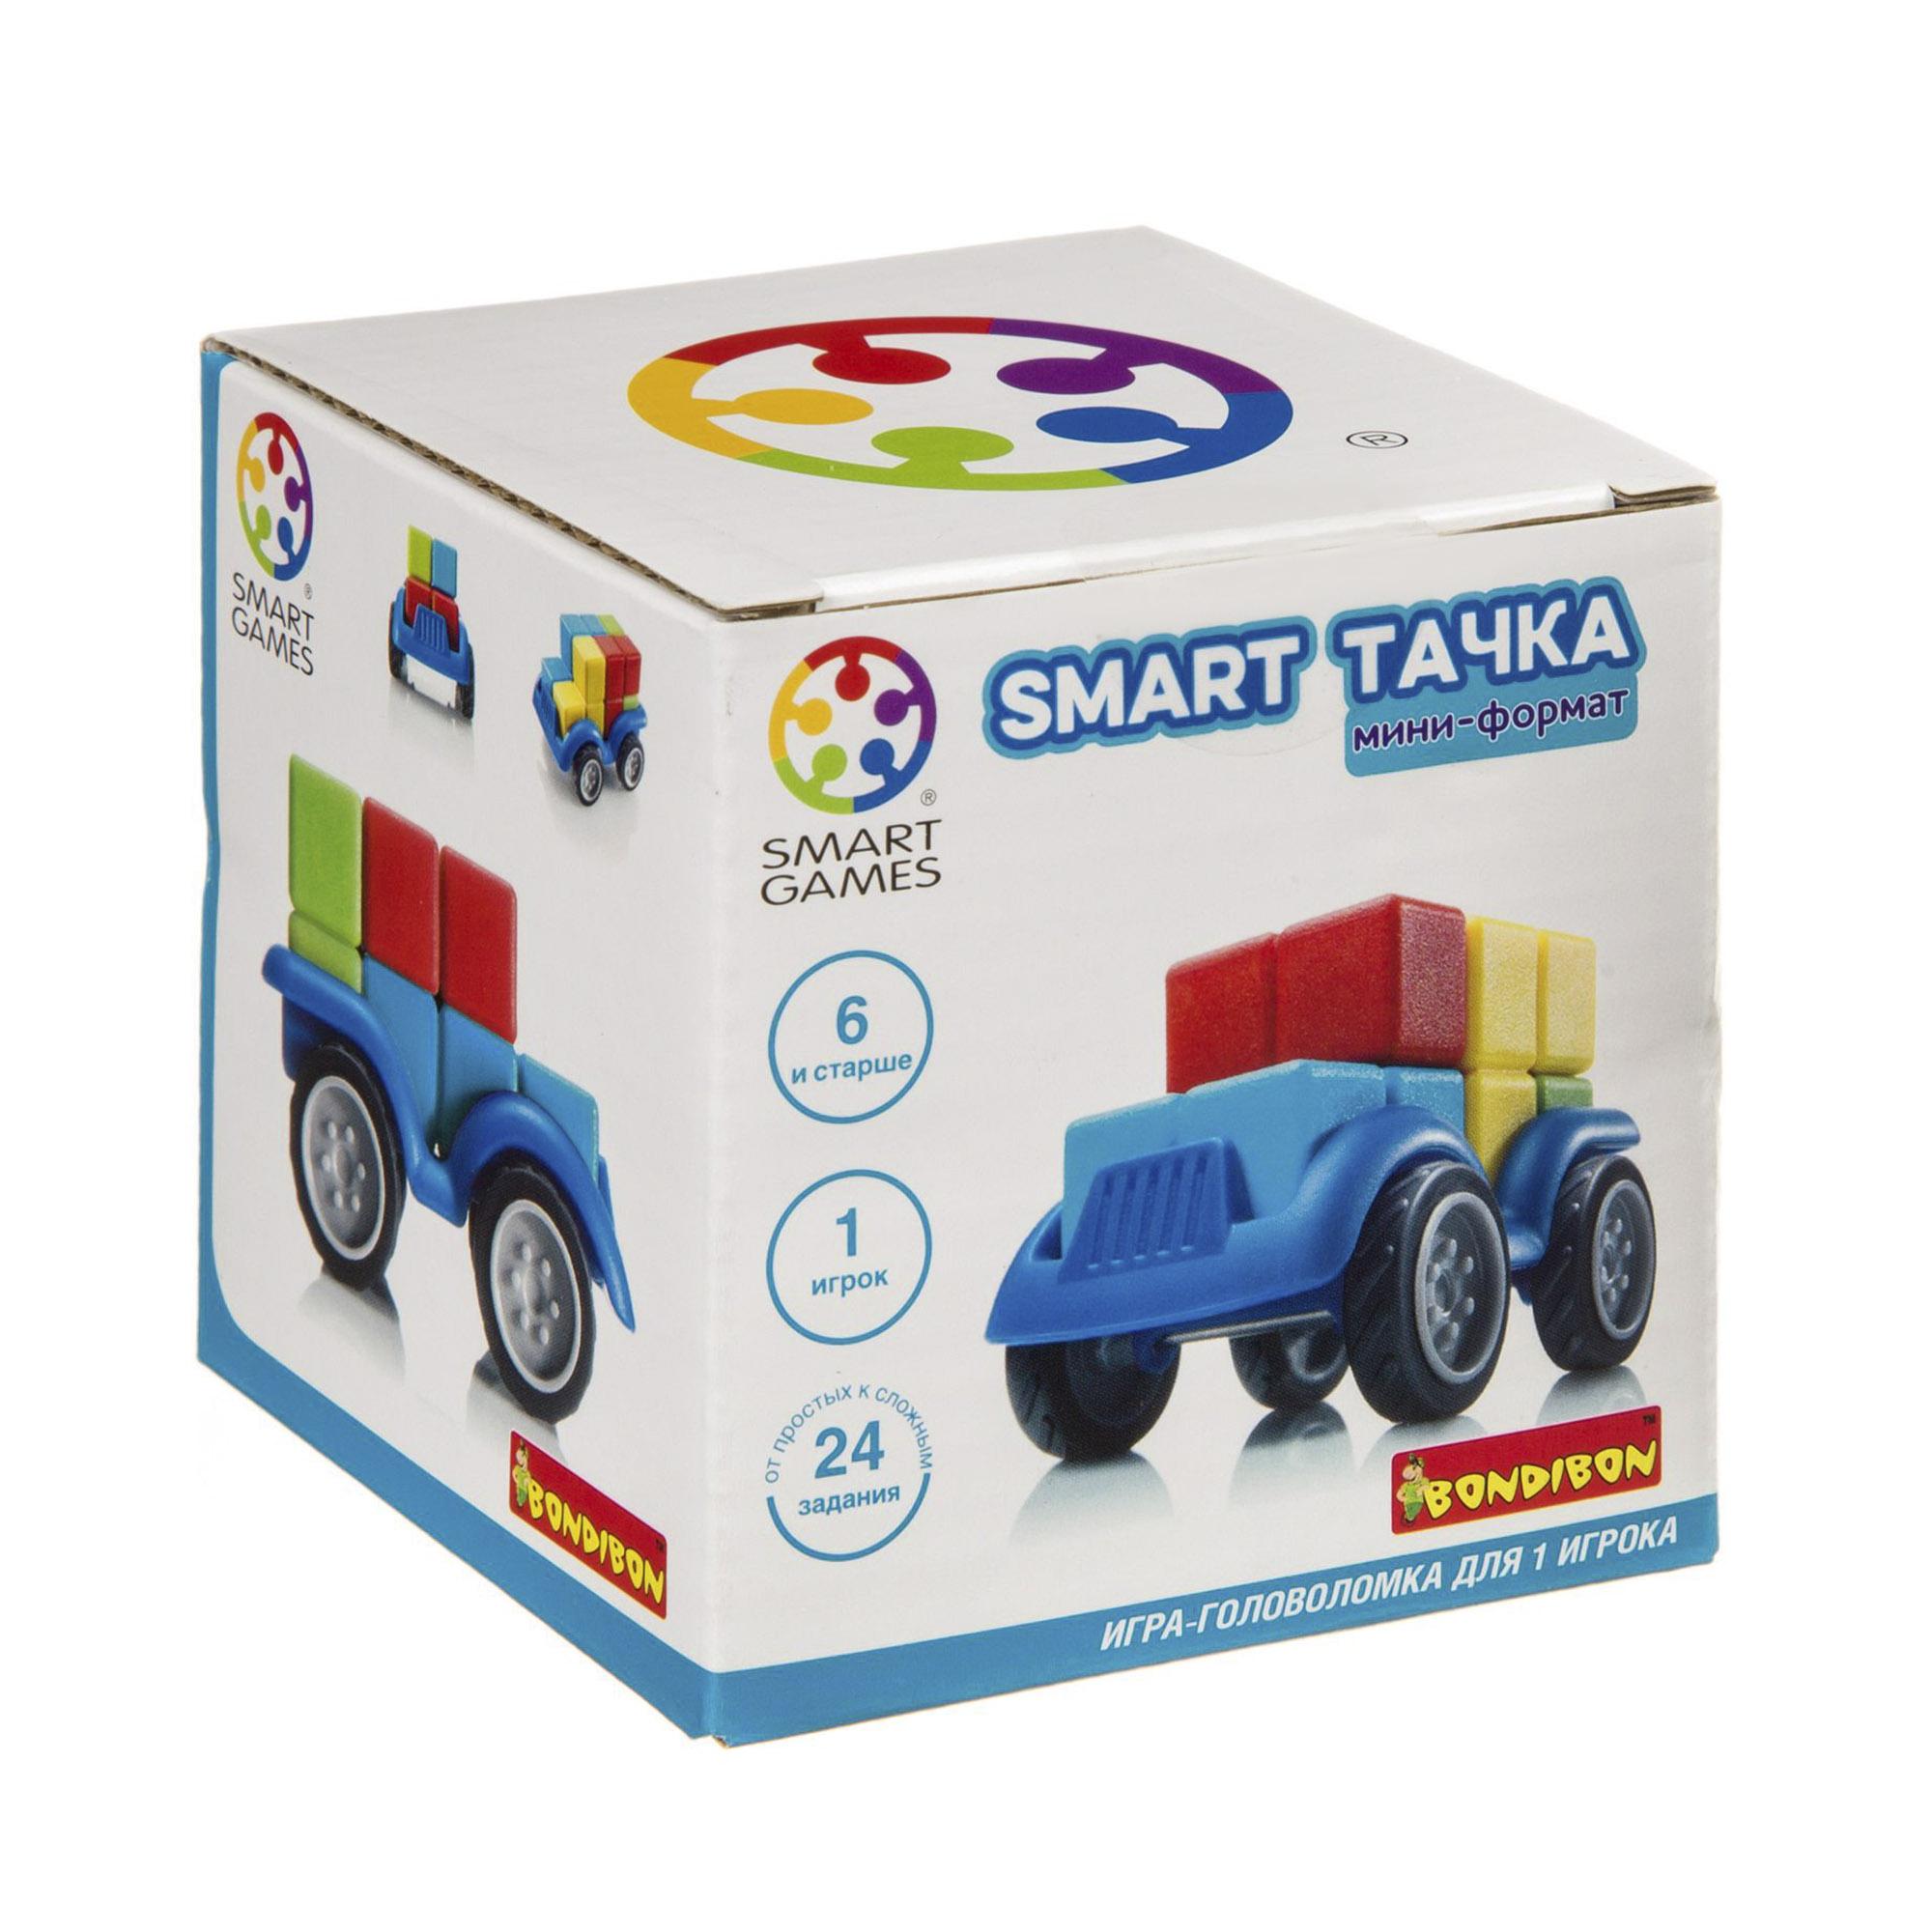 Логическая игра Bondibon Smartgames Smart Тачка мини-формат логическая игра bondibon smartgames iq стрелки